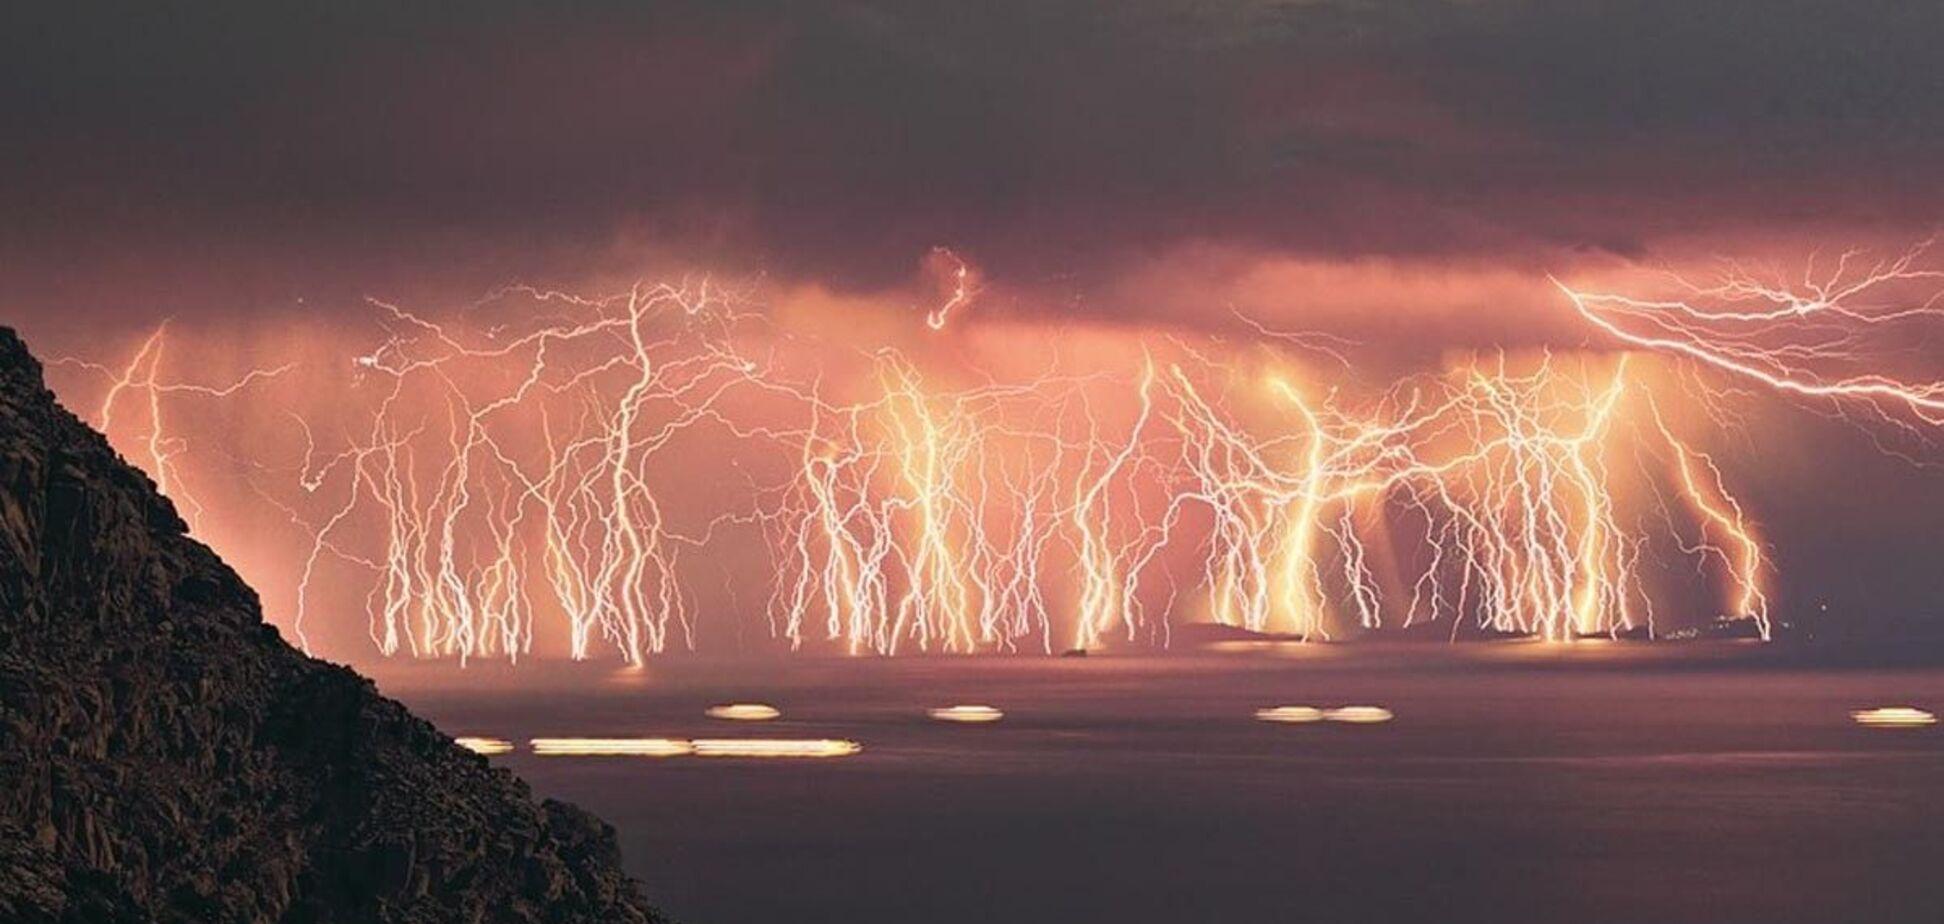 Превратить молнии в бесплатный источник электричества: ученые поделились опасениями